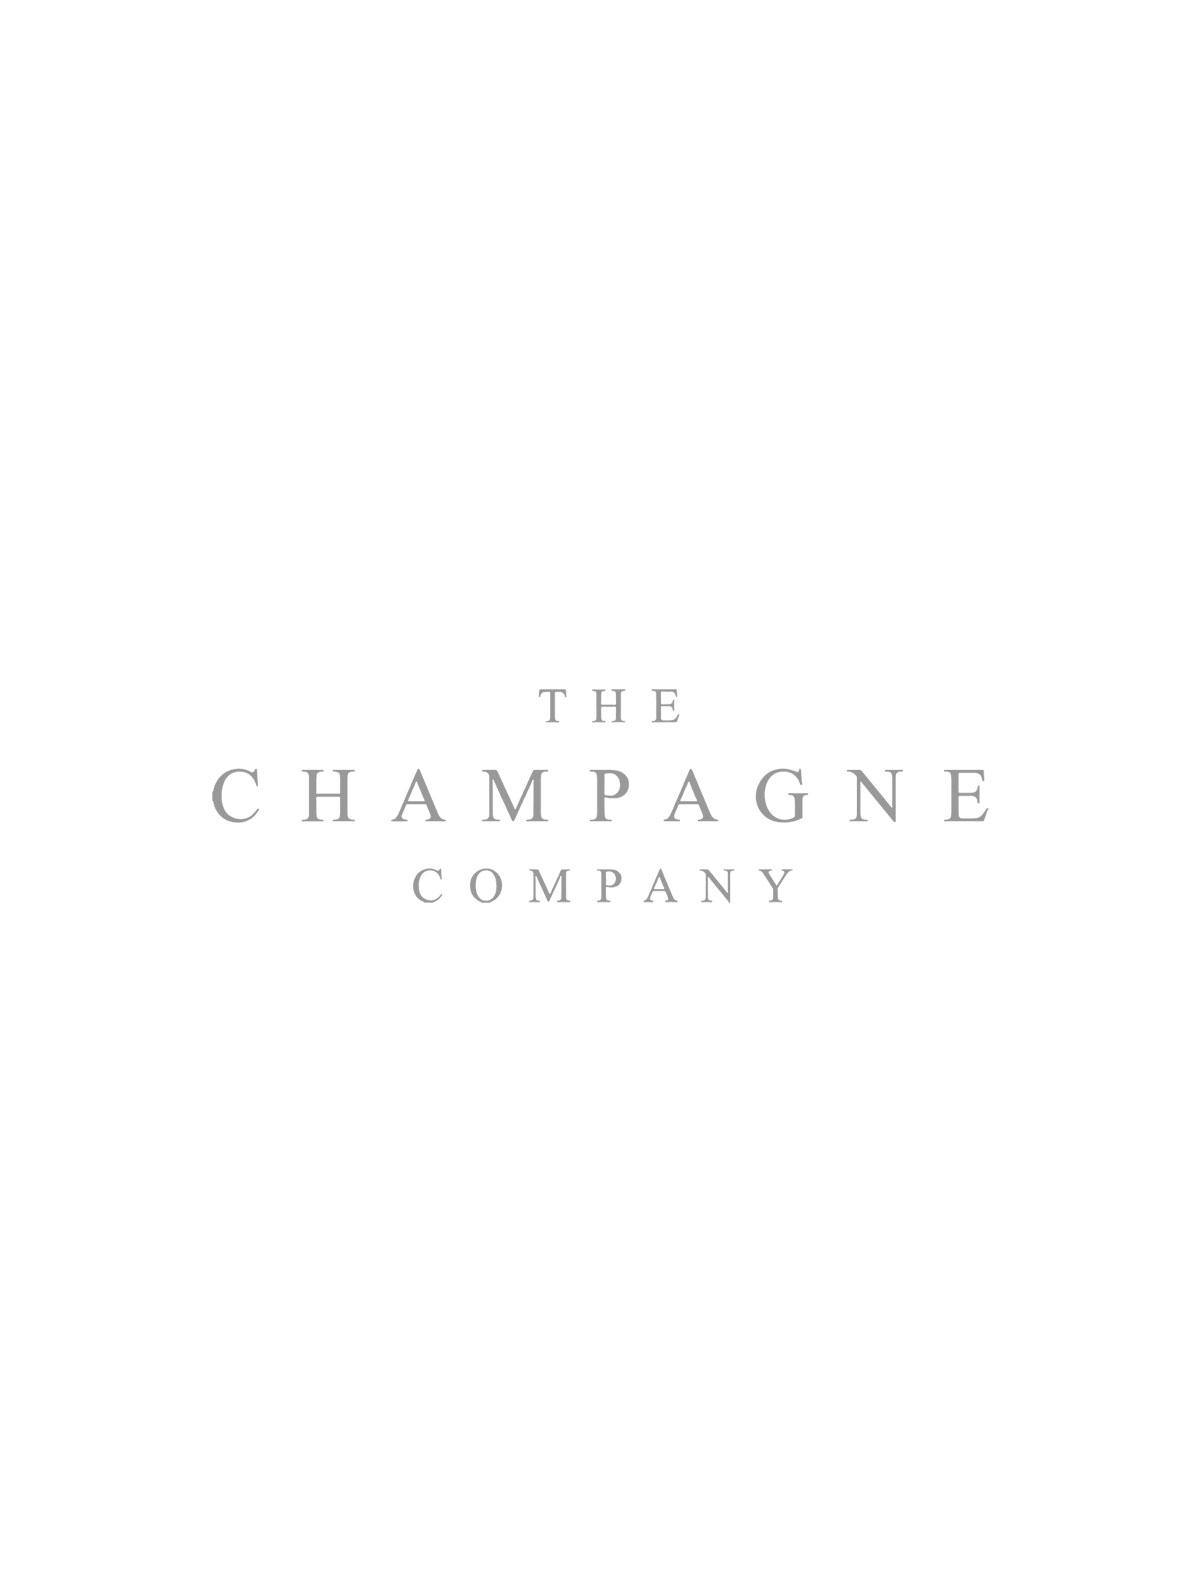 Scavi & Ray Momento d'Oro Spumante Prosecco 75cl